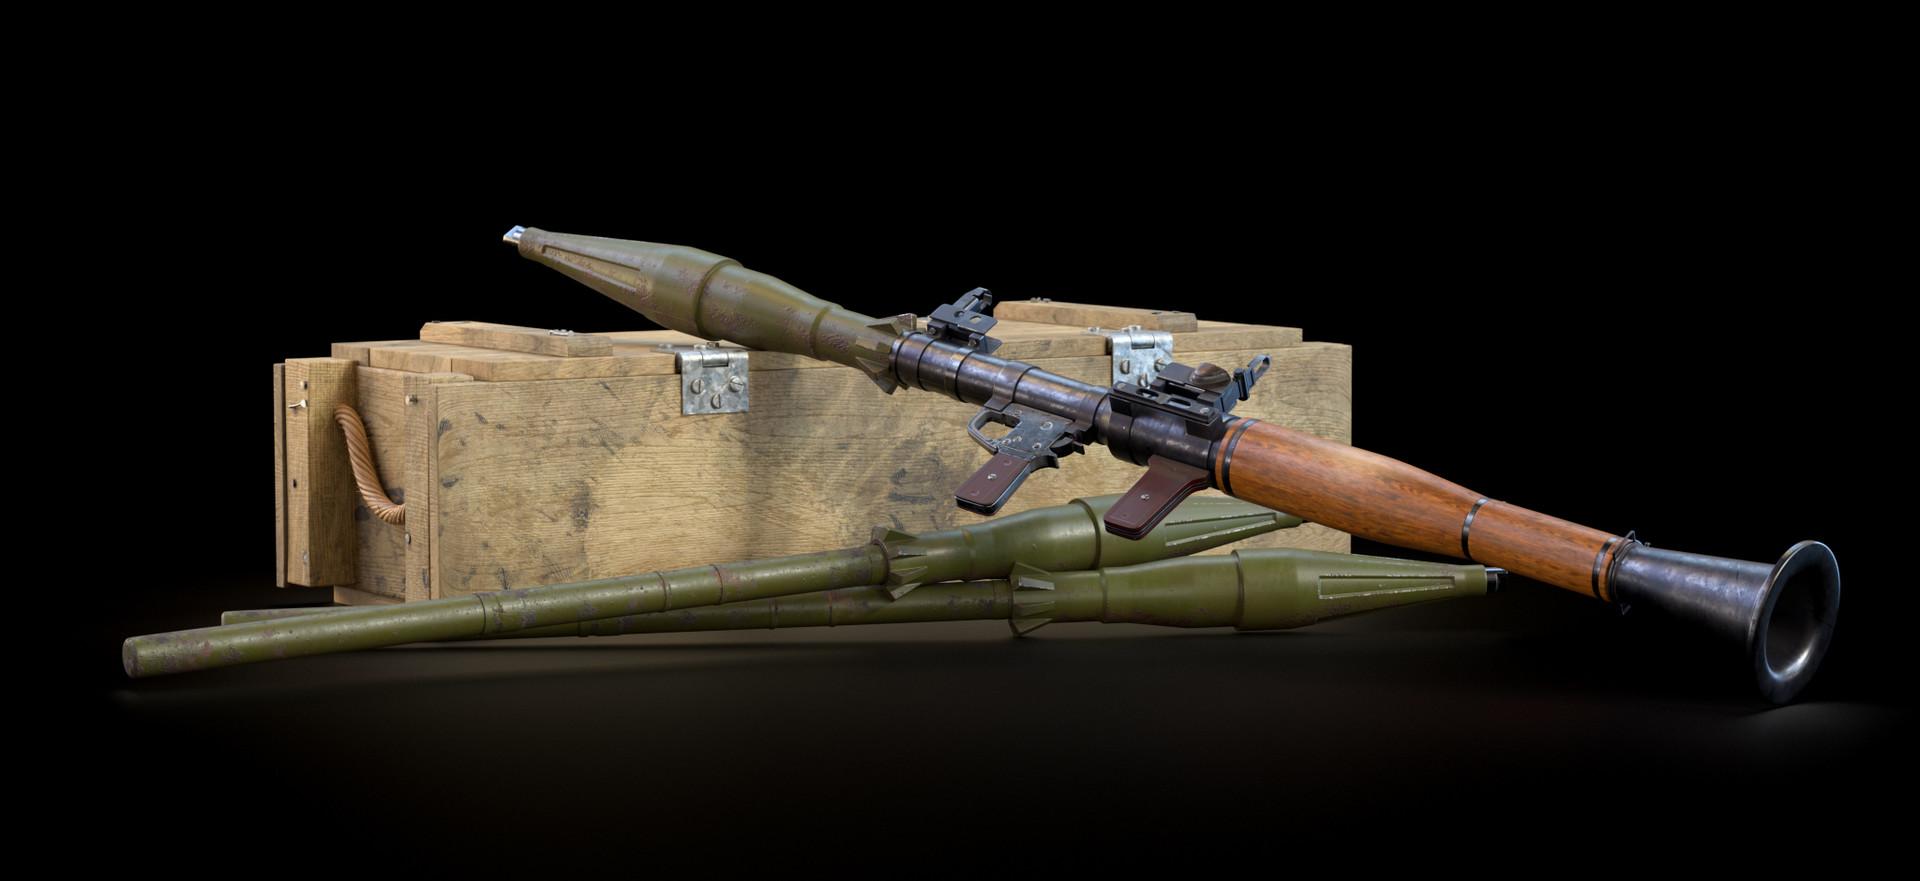 Dawid cencora bazooka4